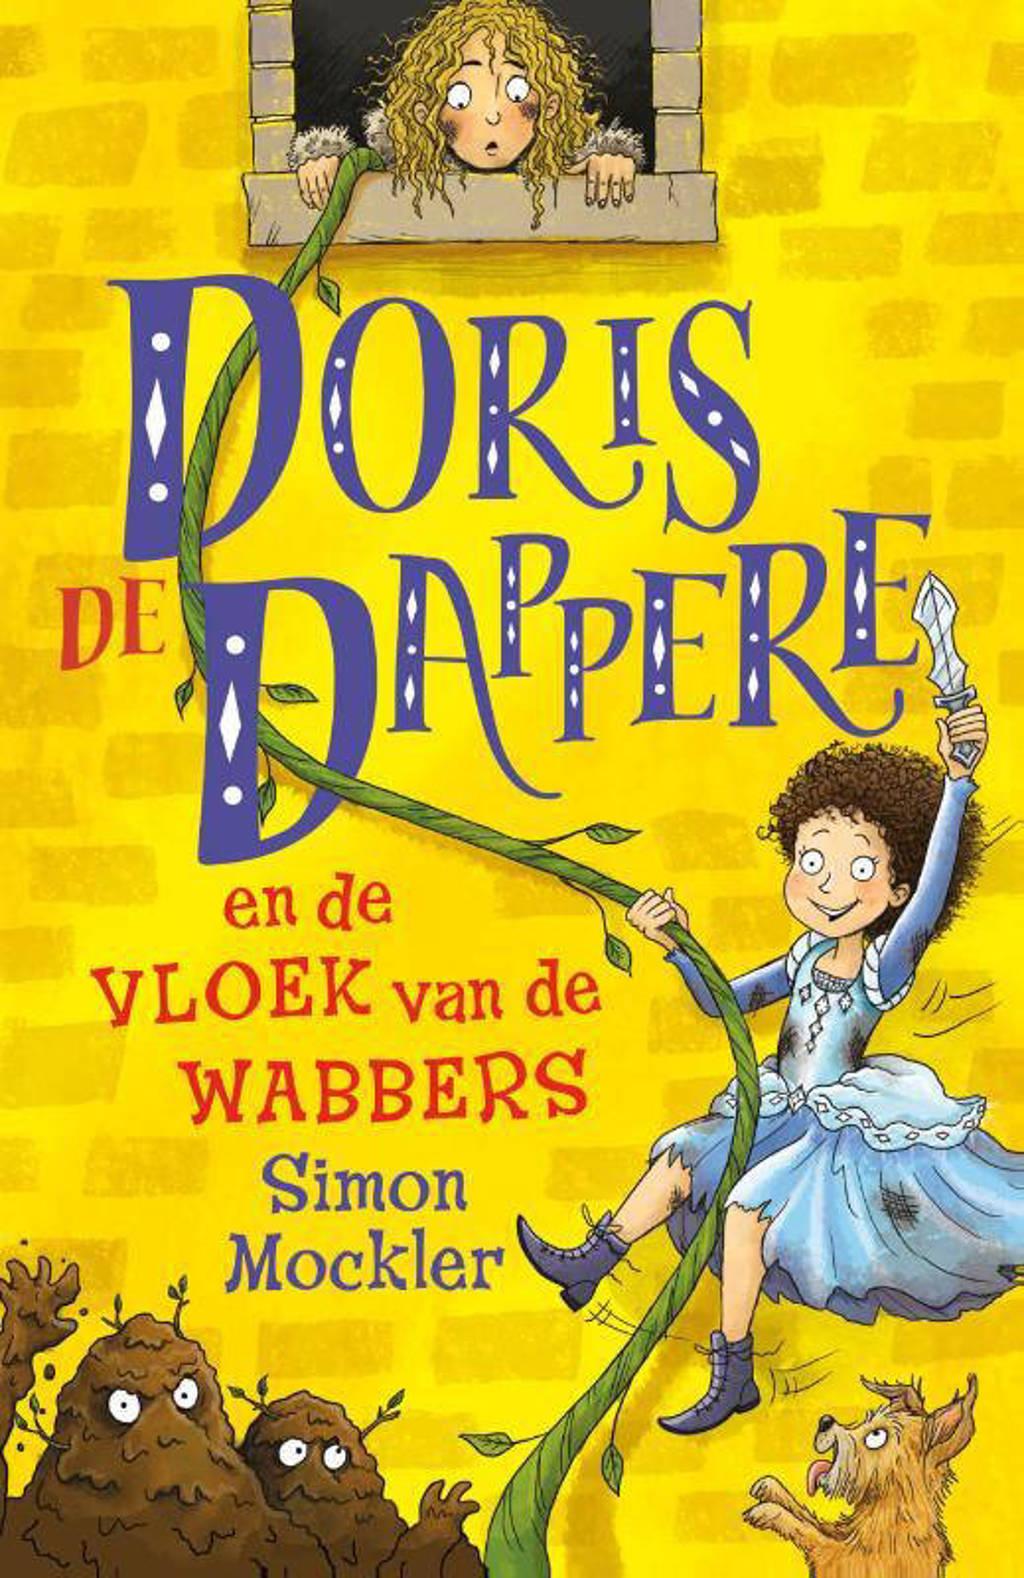 Doris de Dappere en de vloek van de Wabbers - Simon Mockler